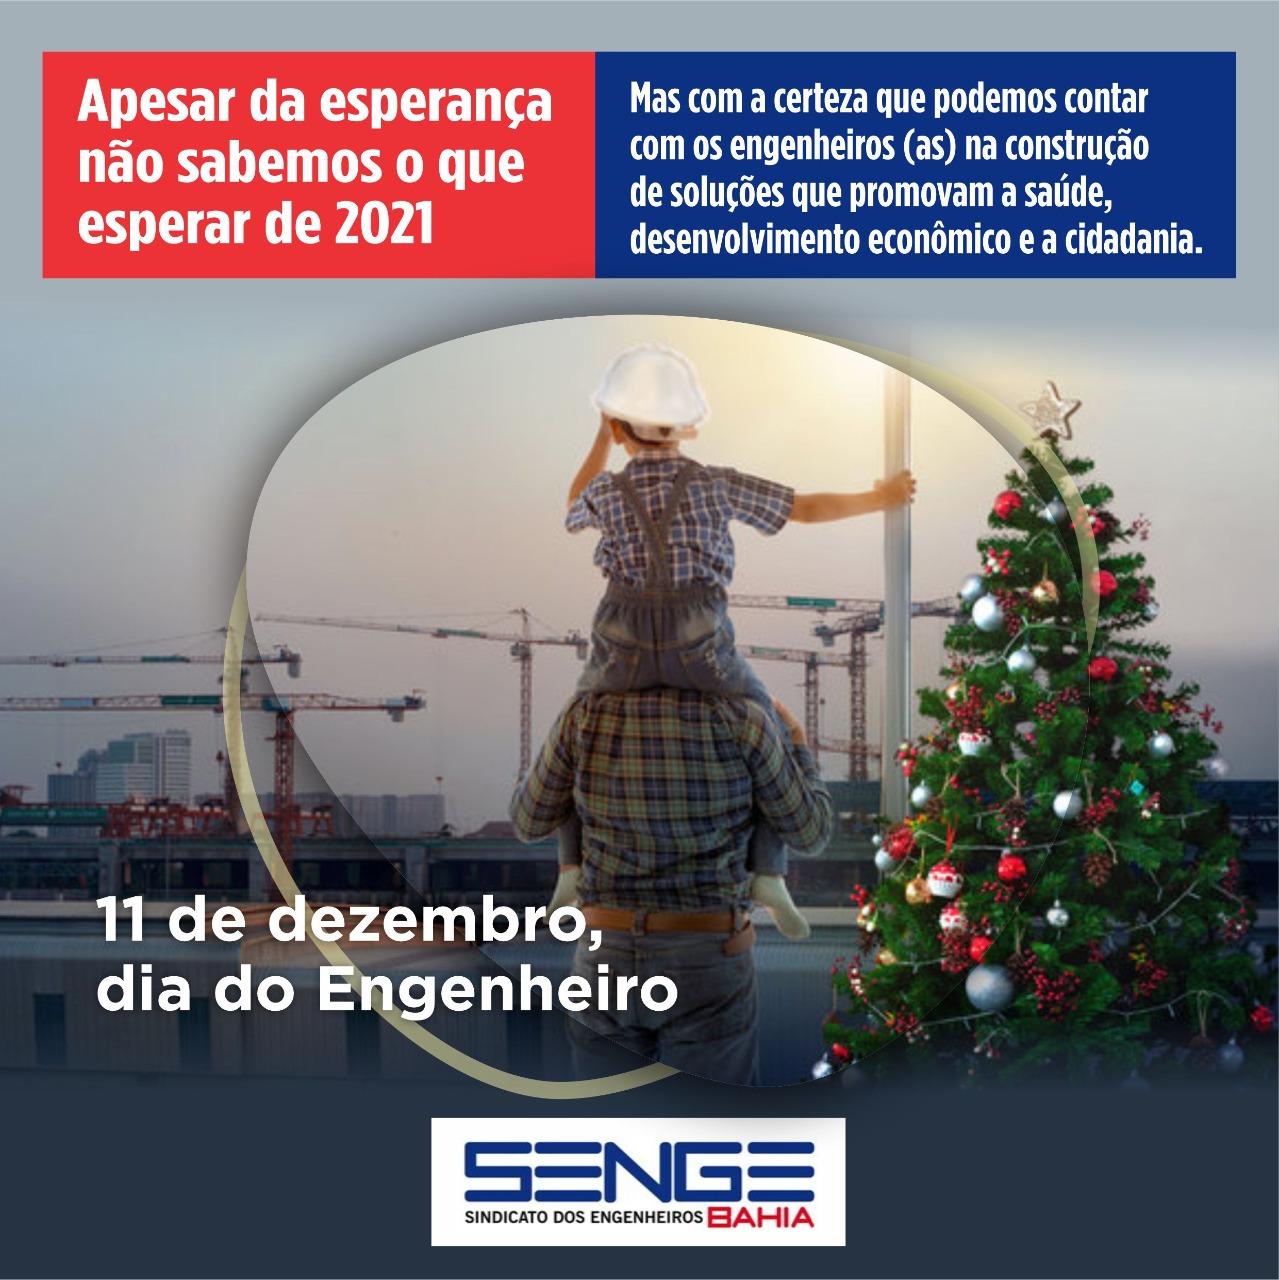 Engenheira e Engenheiro, profissionais comprometidos com desenvolvimento econômico, saúde e bem estar social do povo brasileiro